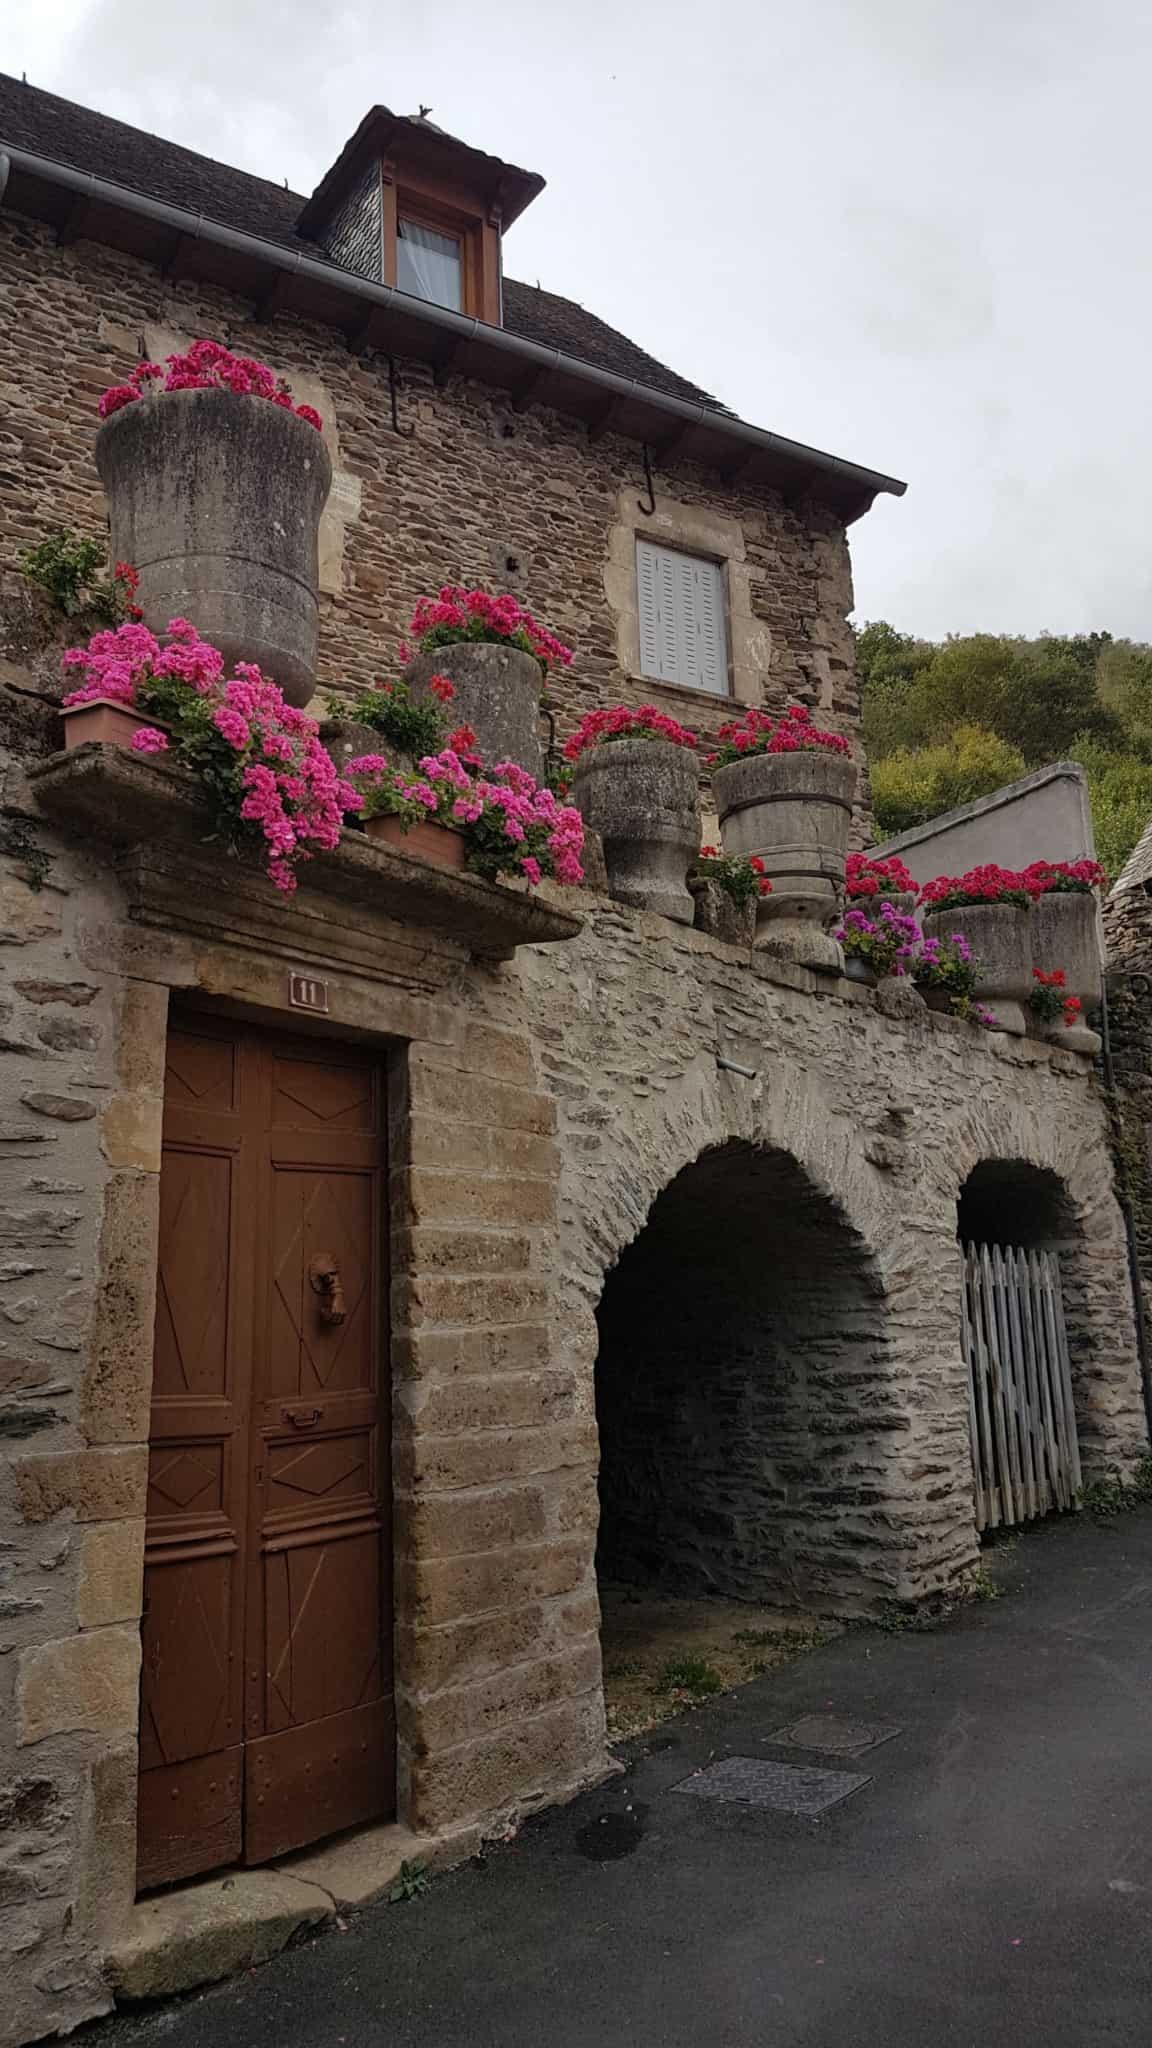 Chemin de Compostelle, on visite le charmant village d'Estaing 🌺 27